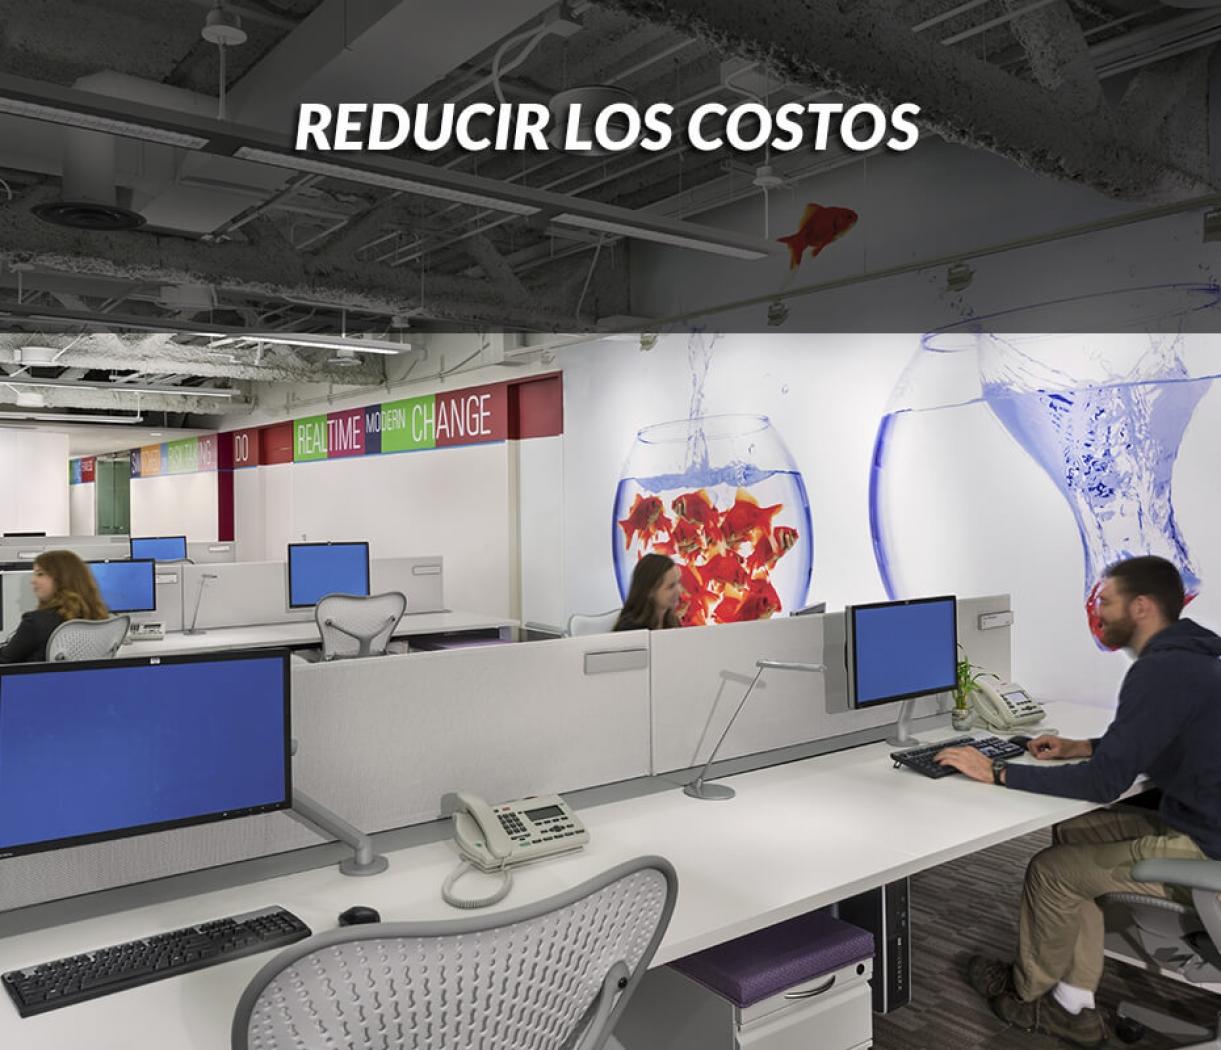 La reducción de costos es un objetivo importante en mucho proyectos. El espacio es caro y no siempre se utiliza de la forma mas eficiente. En los edificios de oficinas, los puestos de trabajo están físicamente ocupados una medida de un 50-60% del tiempo, y son los responsables de los costos mayoritarios de arriendo, climatización, mantenimiento y limpieza del espacio.